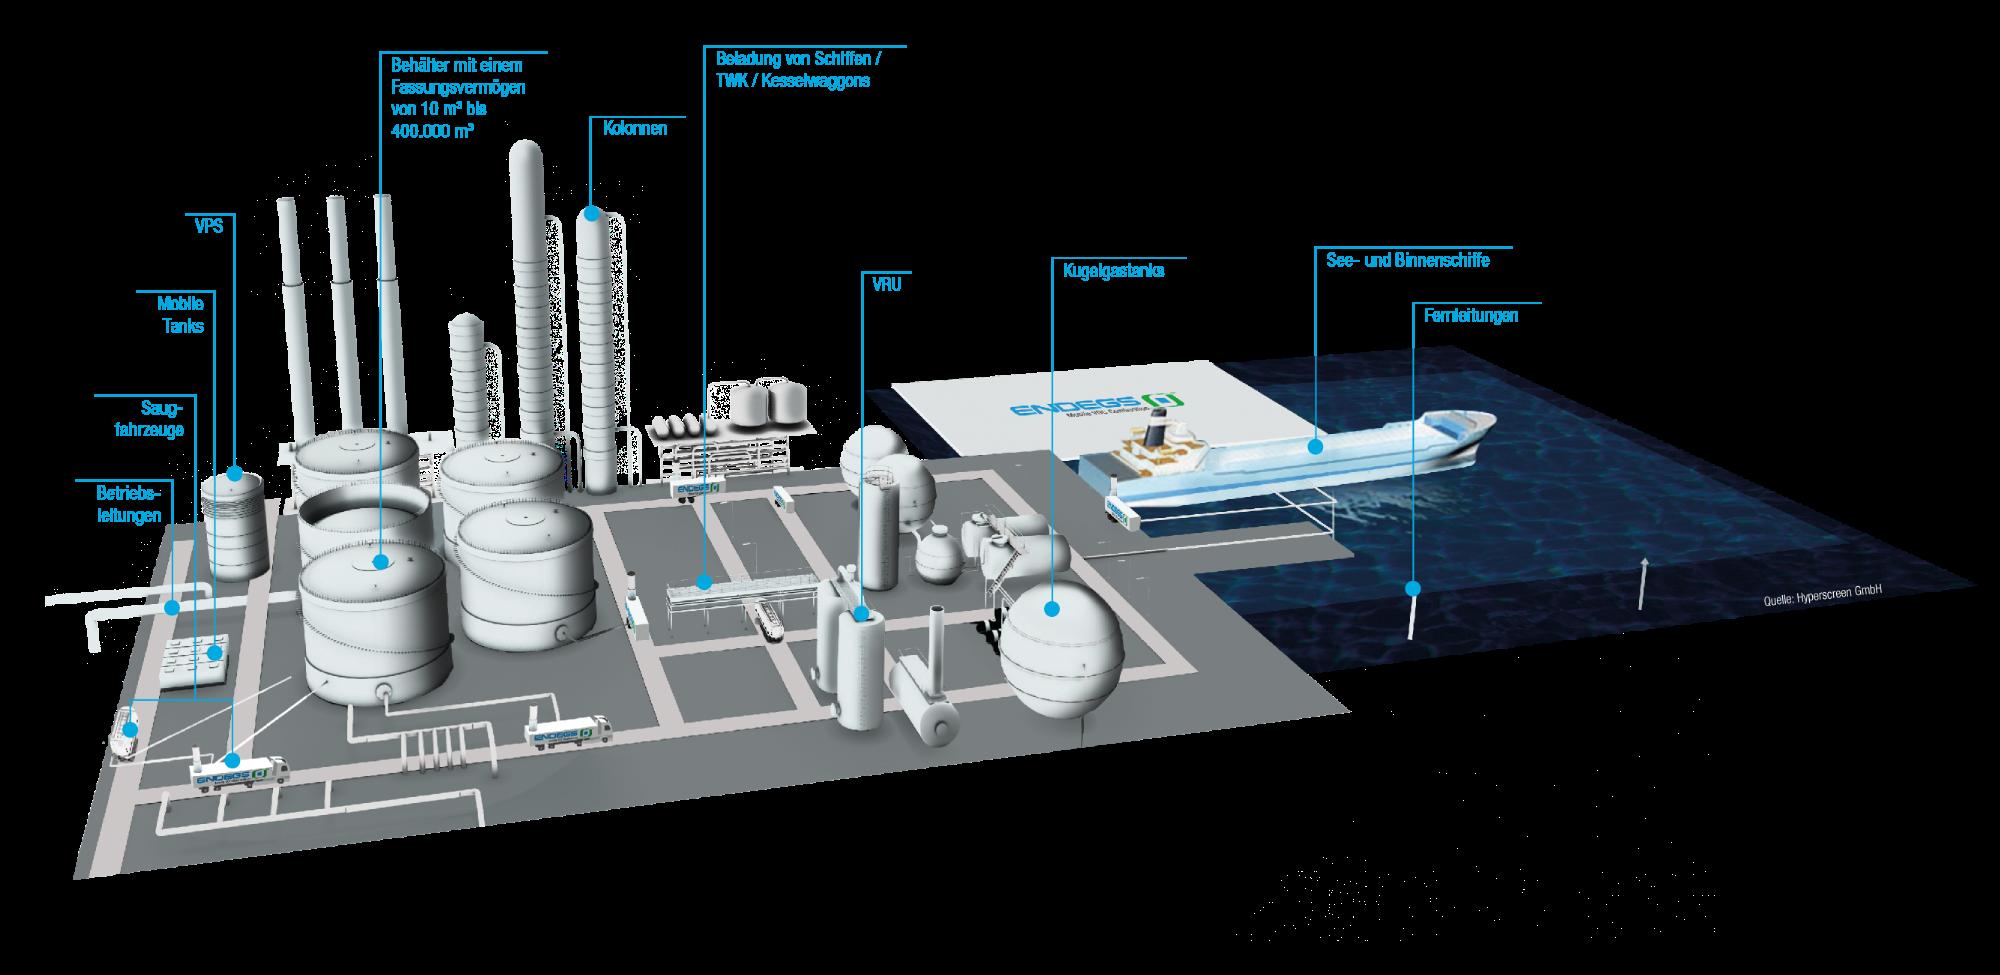 Entgasung von Tanks, Behältnissen, Rohrleitungen, Saugwagen, chemische Entgasung von See- und Binnenschiffen